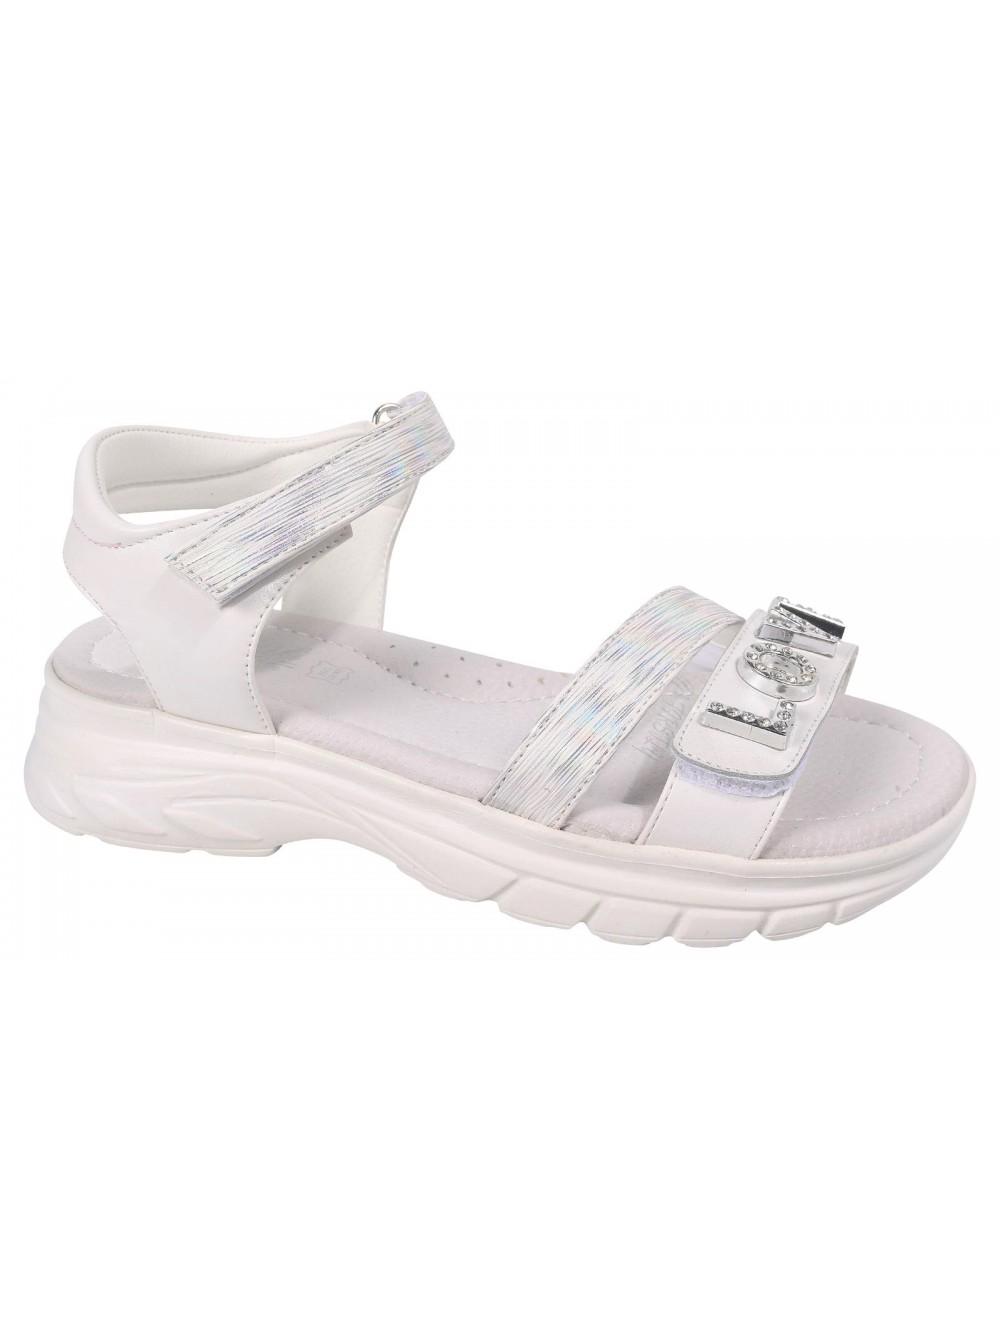 Туфли открытые Tom&Miki B-7236-A белый (33-37)